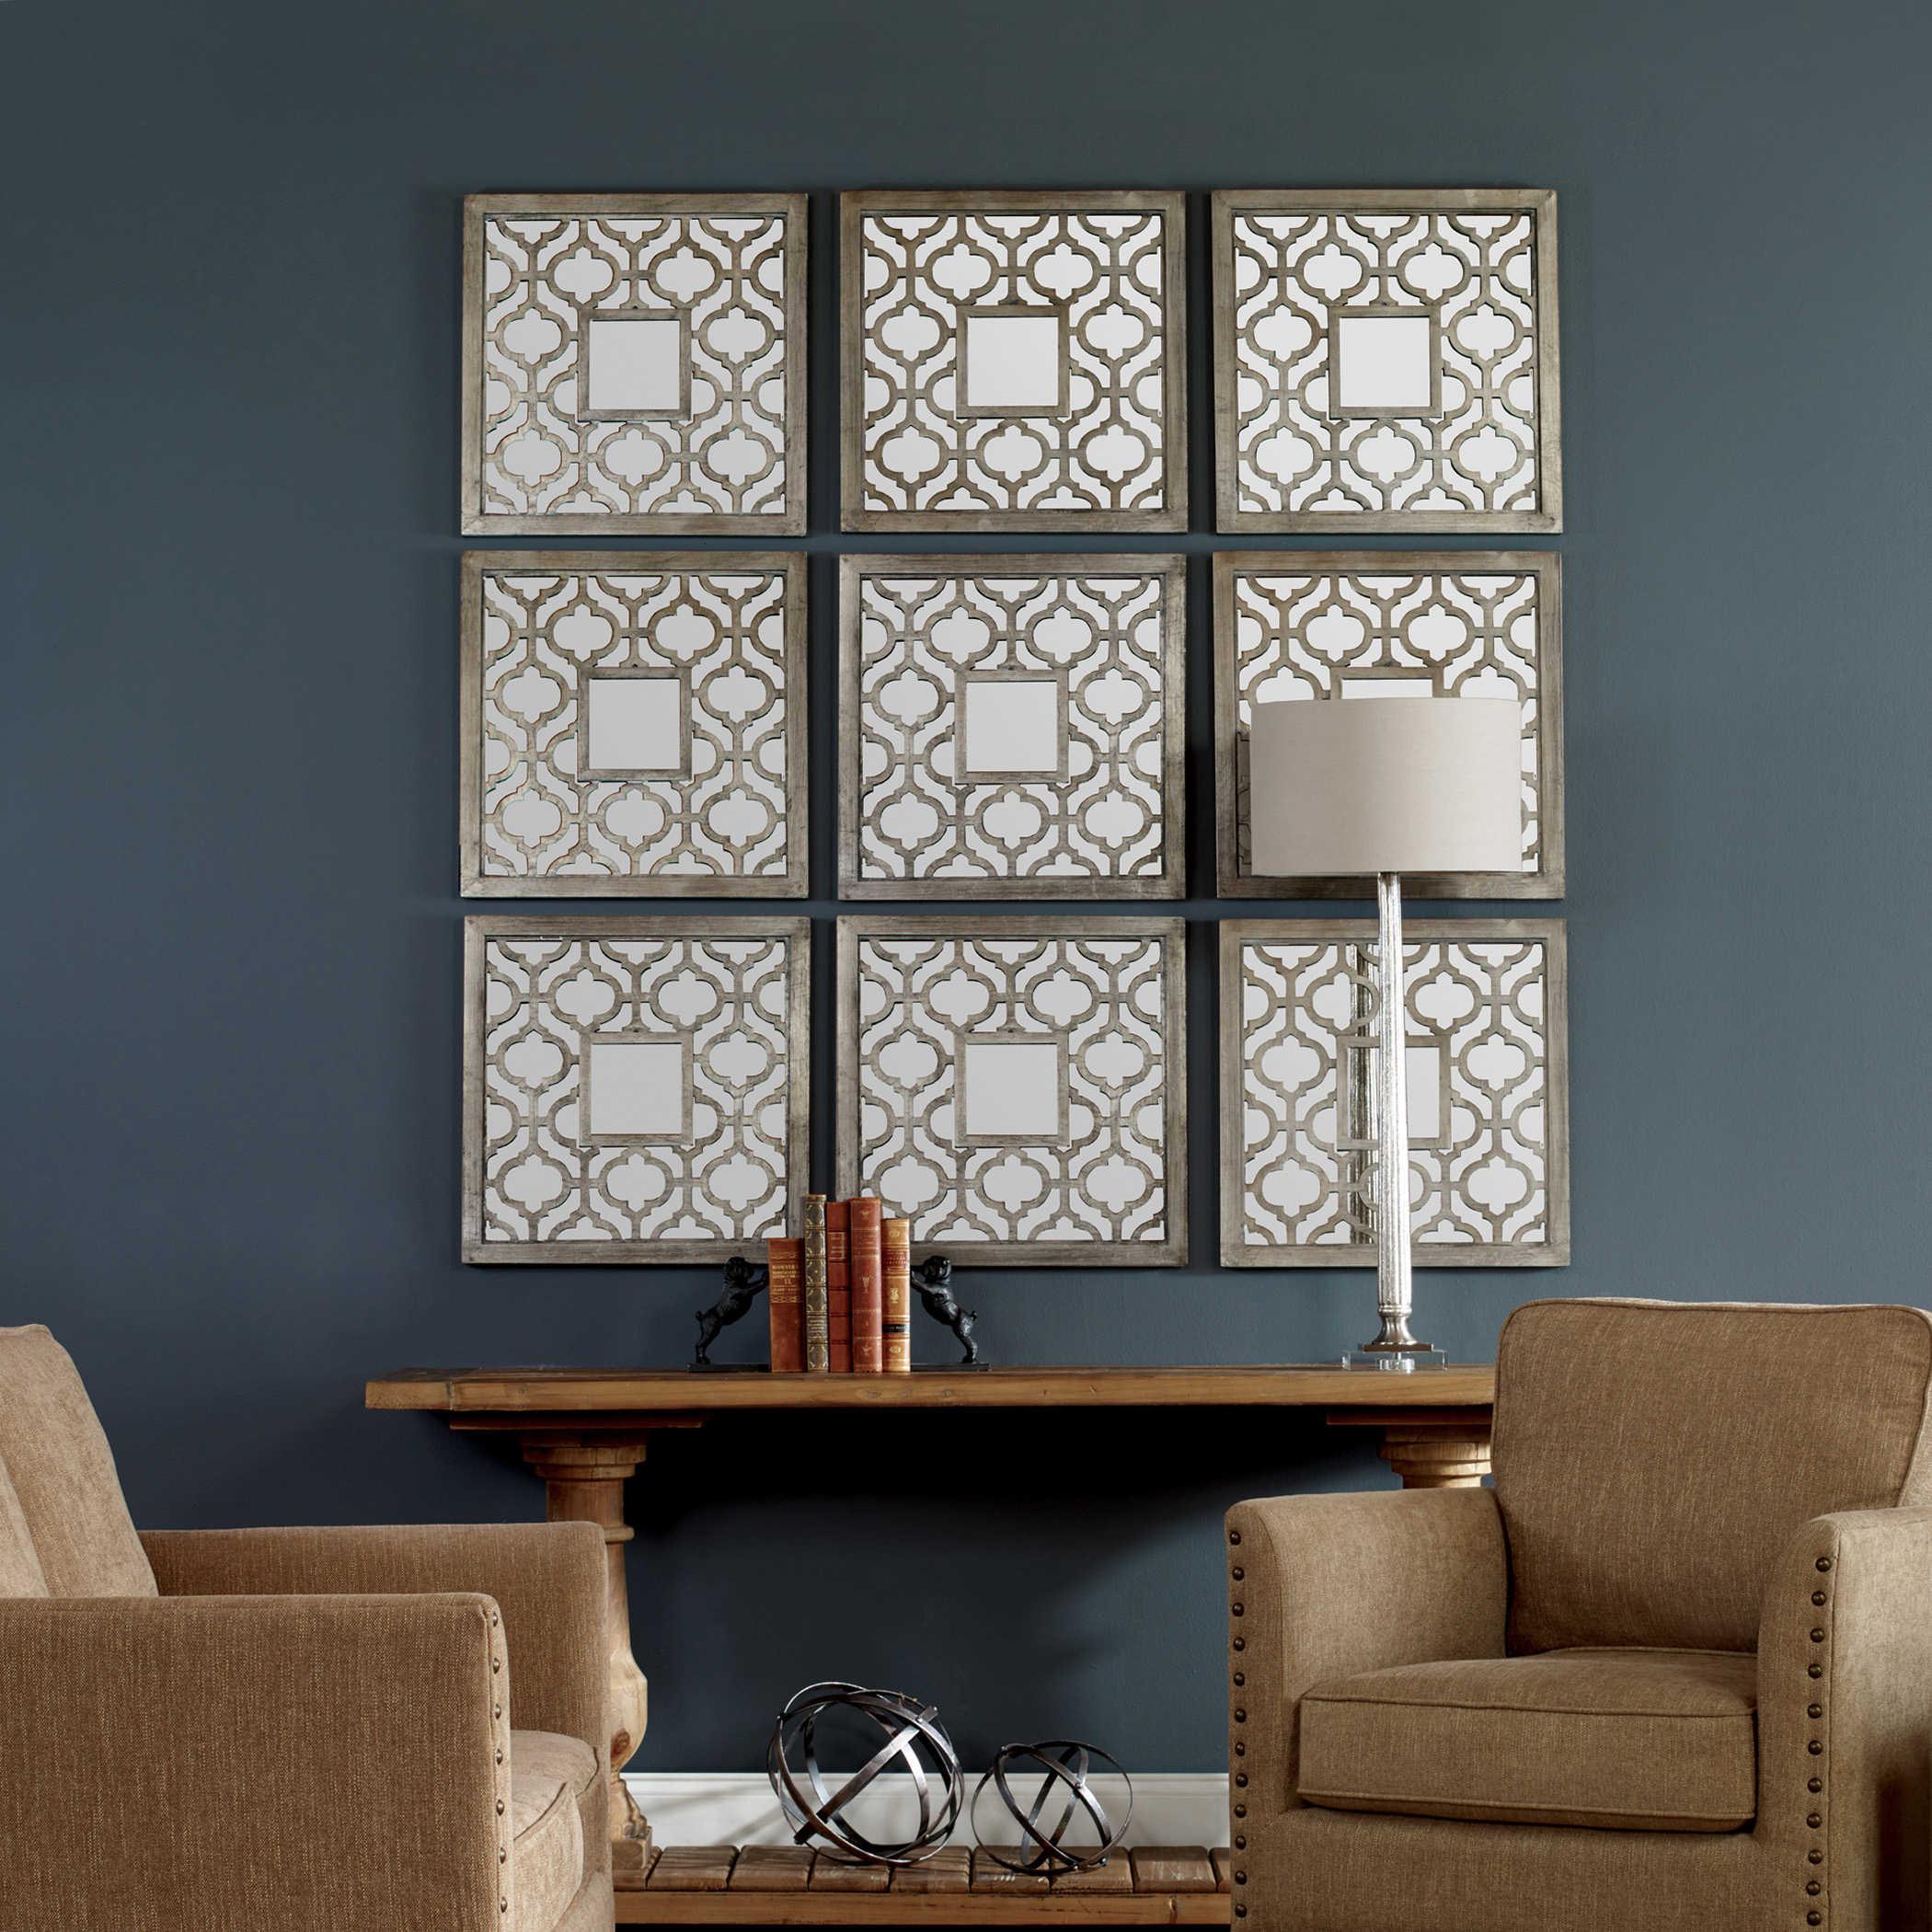 Sorbolo Mirrored Wall Decor S 2